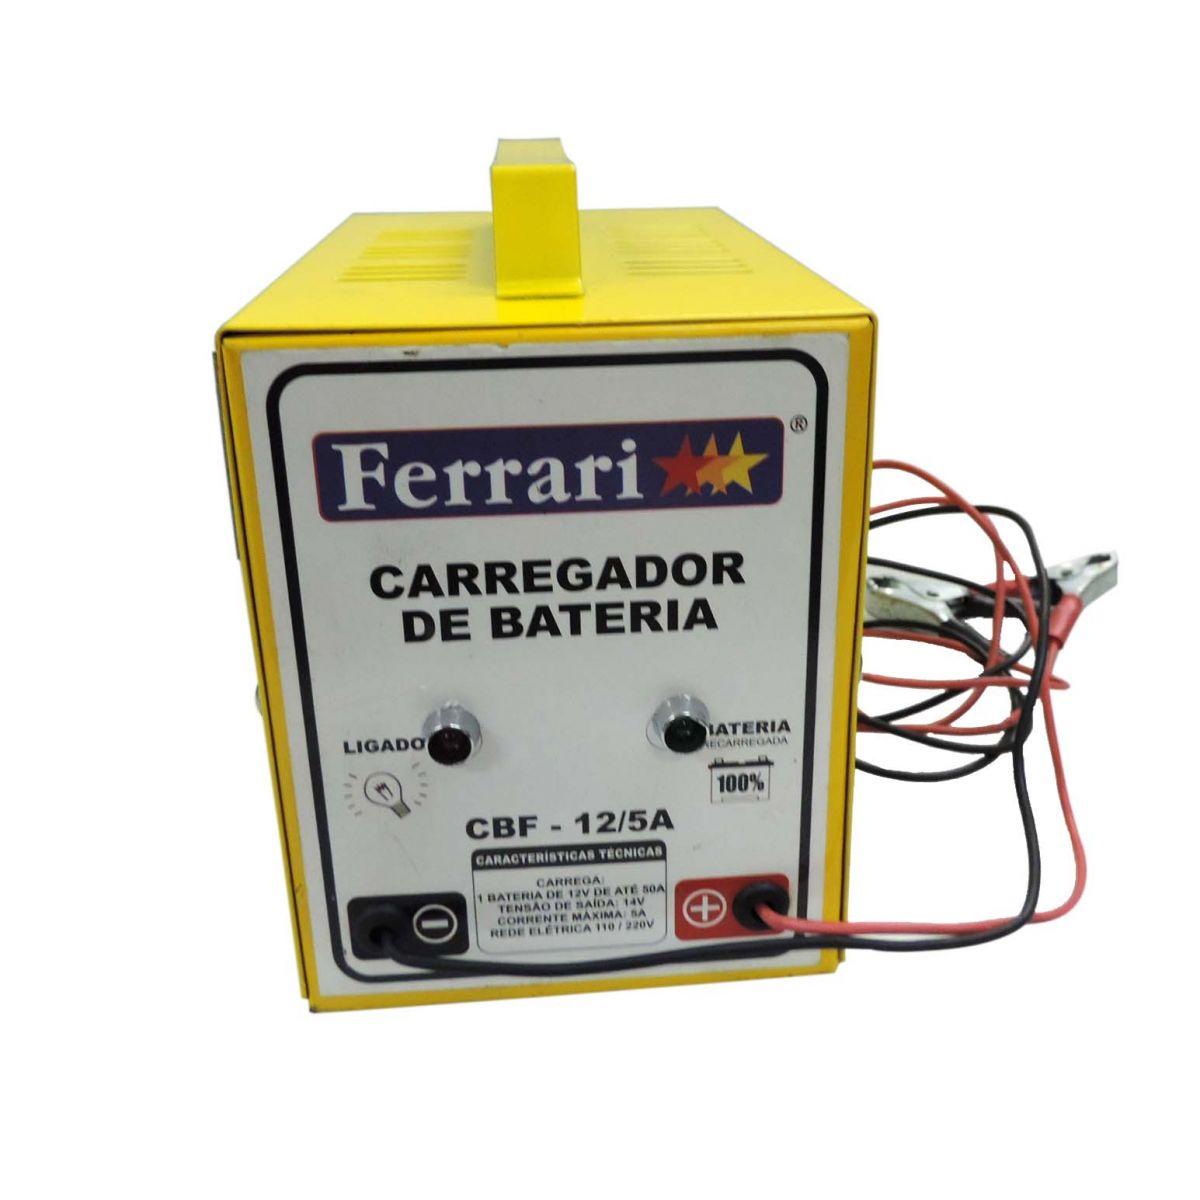 Carregador De Bateria Cbf12-5a - 5 Amperes - Ferrari